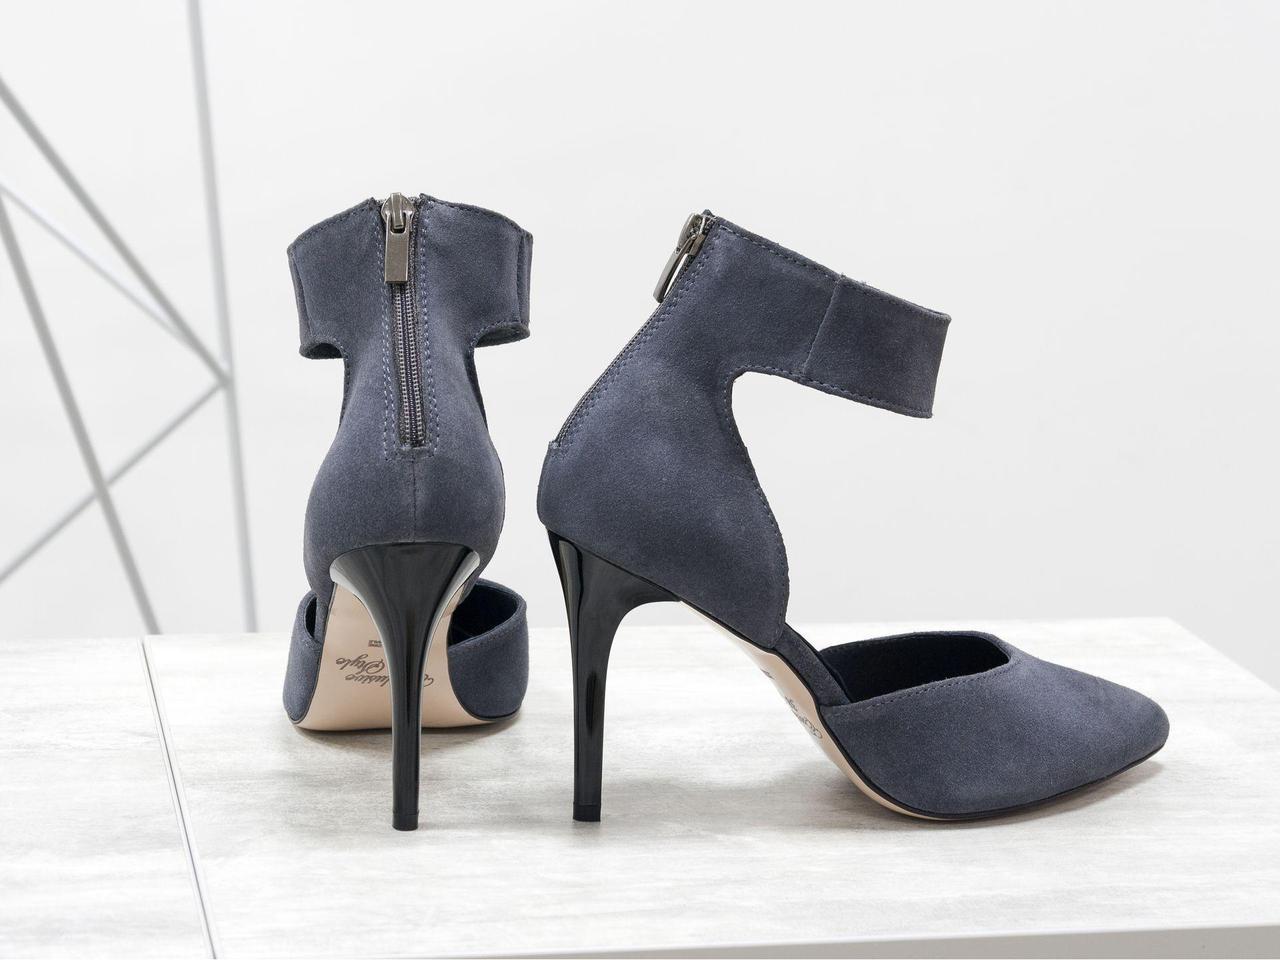 Женские туфли с ремешком на щиколотке, выполнены из натуральной замши серого цвета